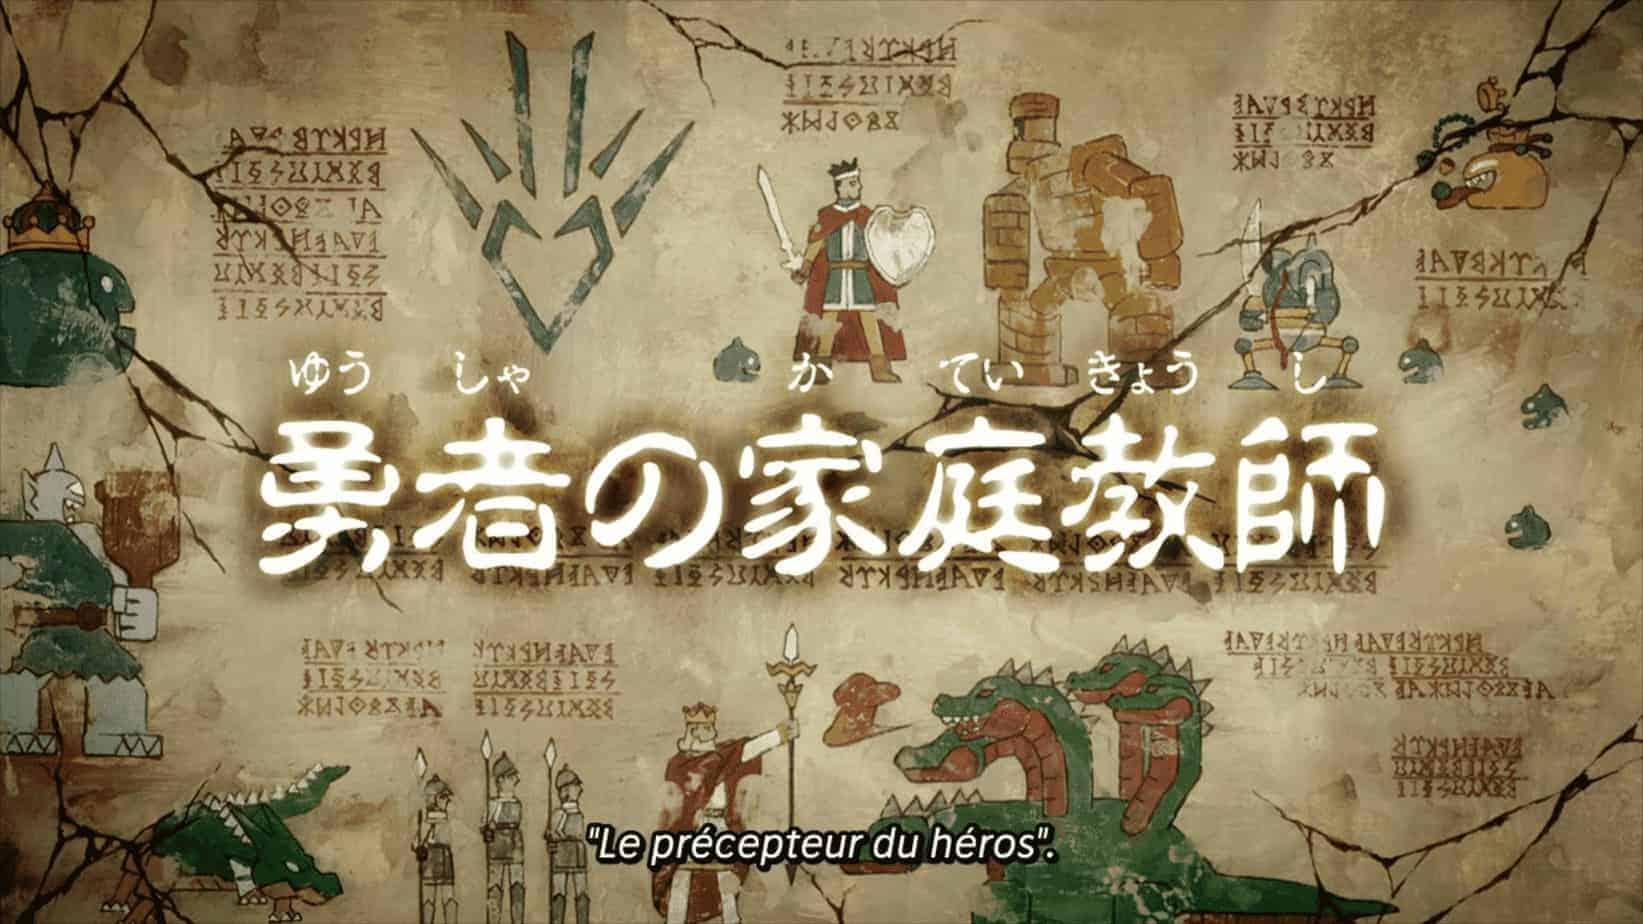 DRAGON QUEST: The Adventure of Daï épisode 3 - le précepteur du héros 19